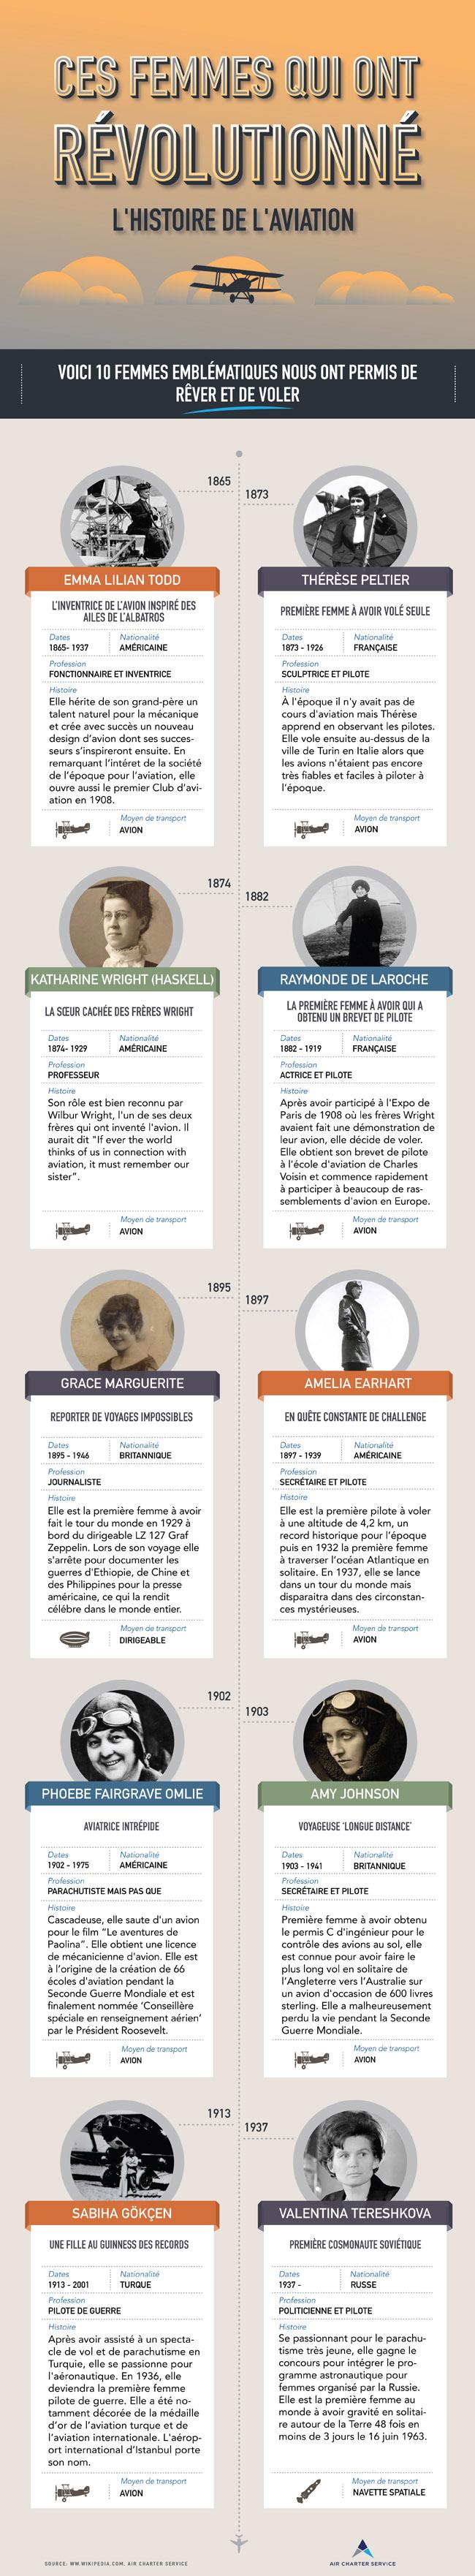 Ces 10 femmes qui ont révolutionné l'histoire de l'aviation